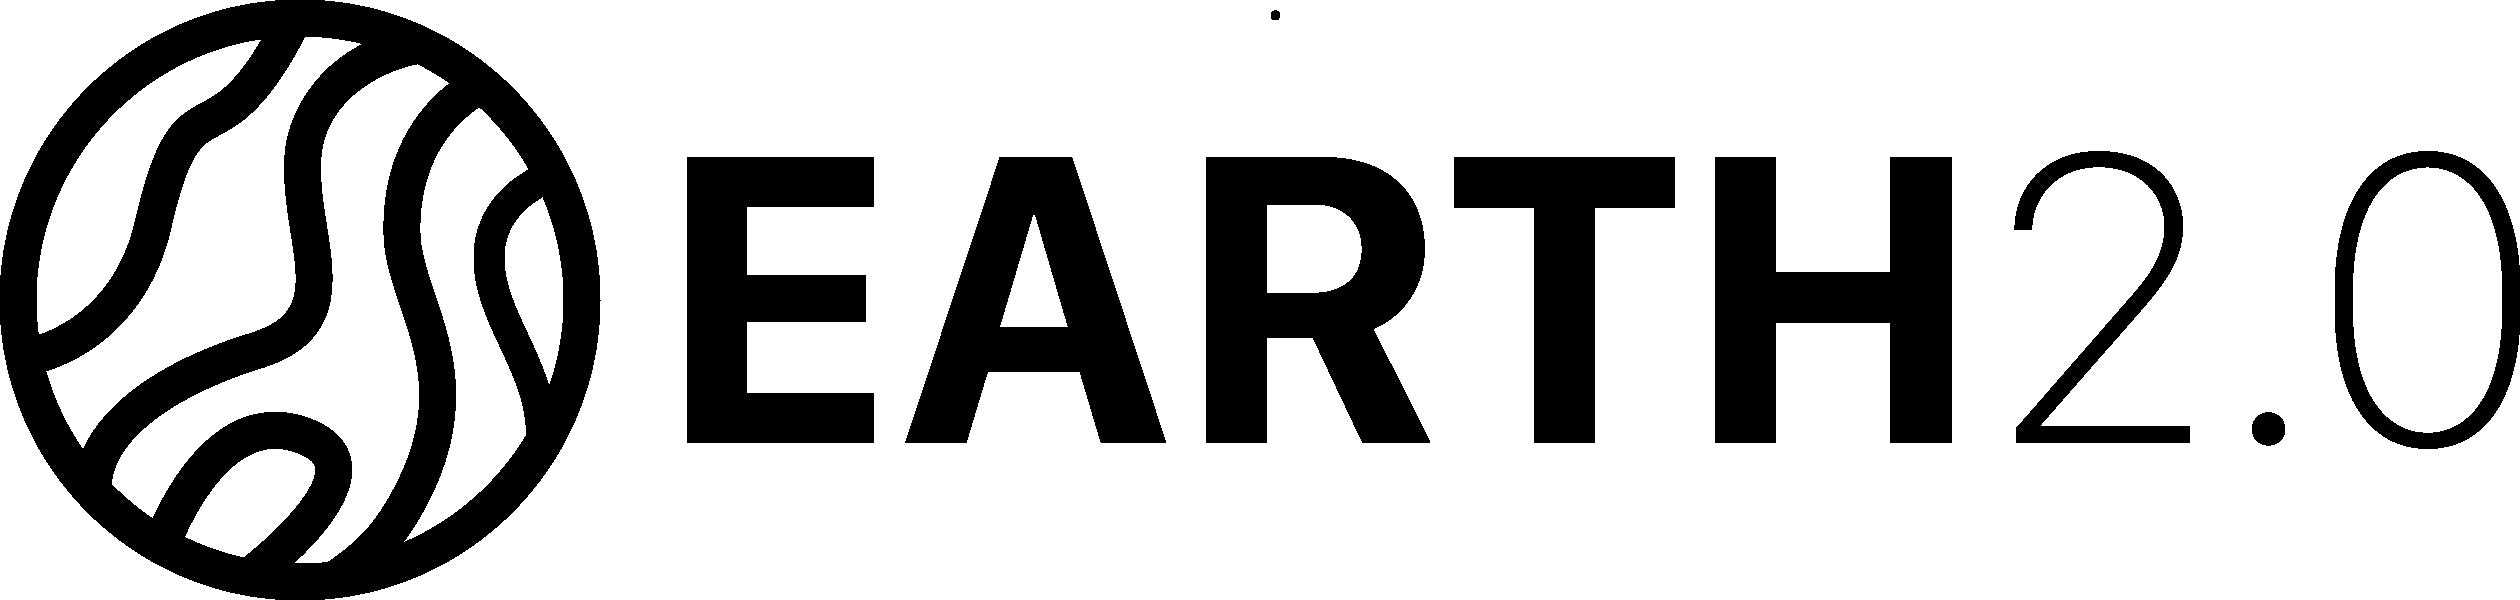 earth-2.0